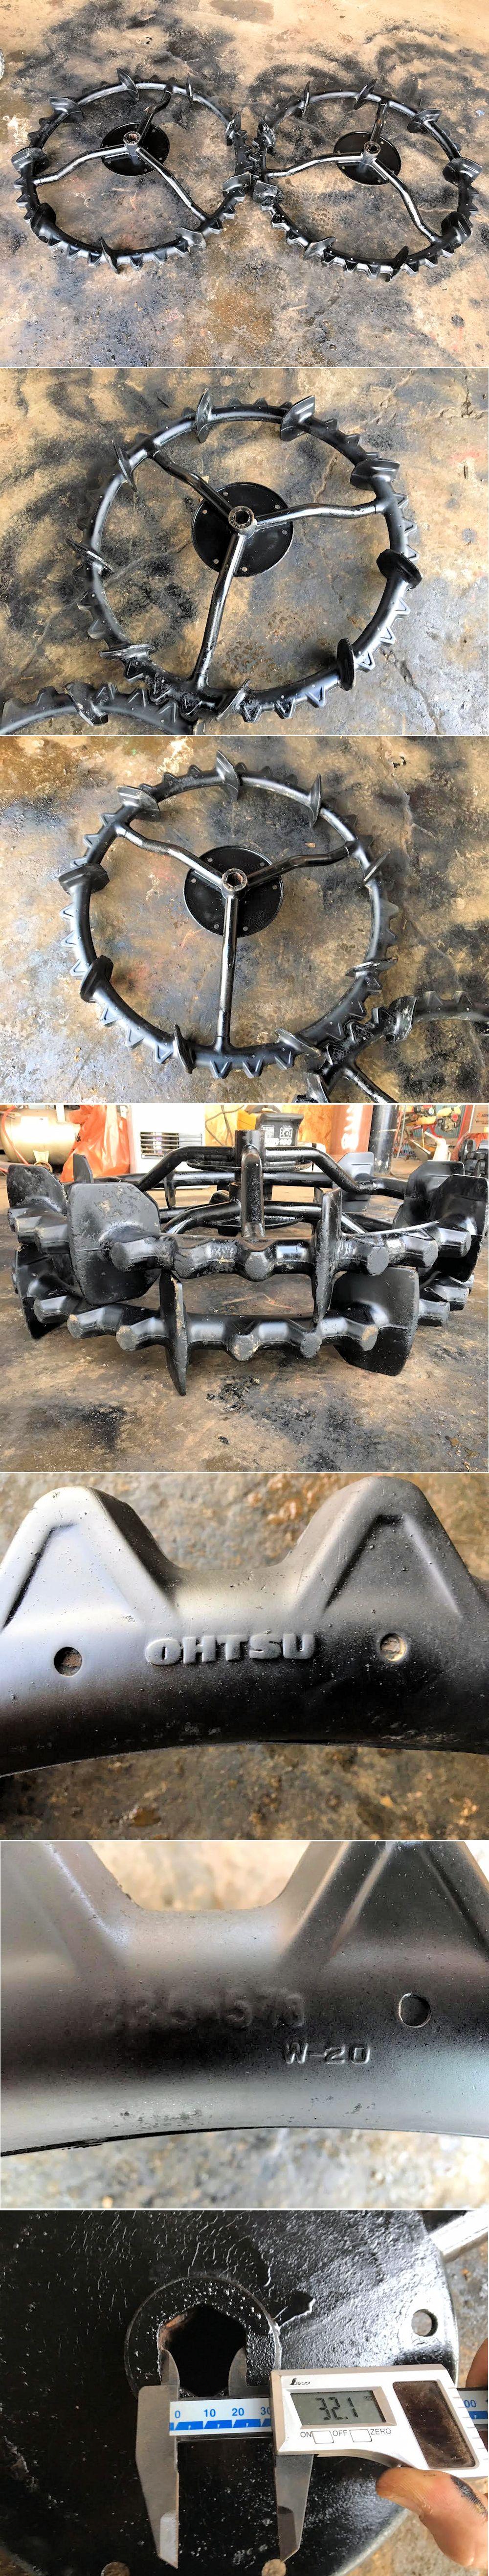 田植機 後輪 クボタ 六角軸 オーツ 33.5×5 7/8 車輪幅810mm 直径 2本セット 中古